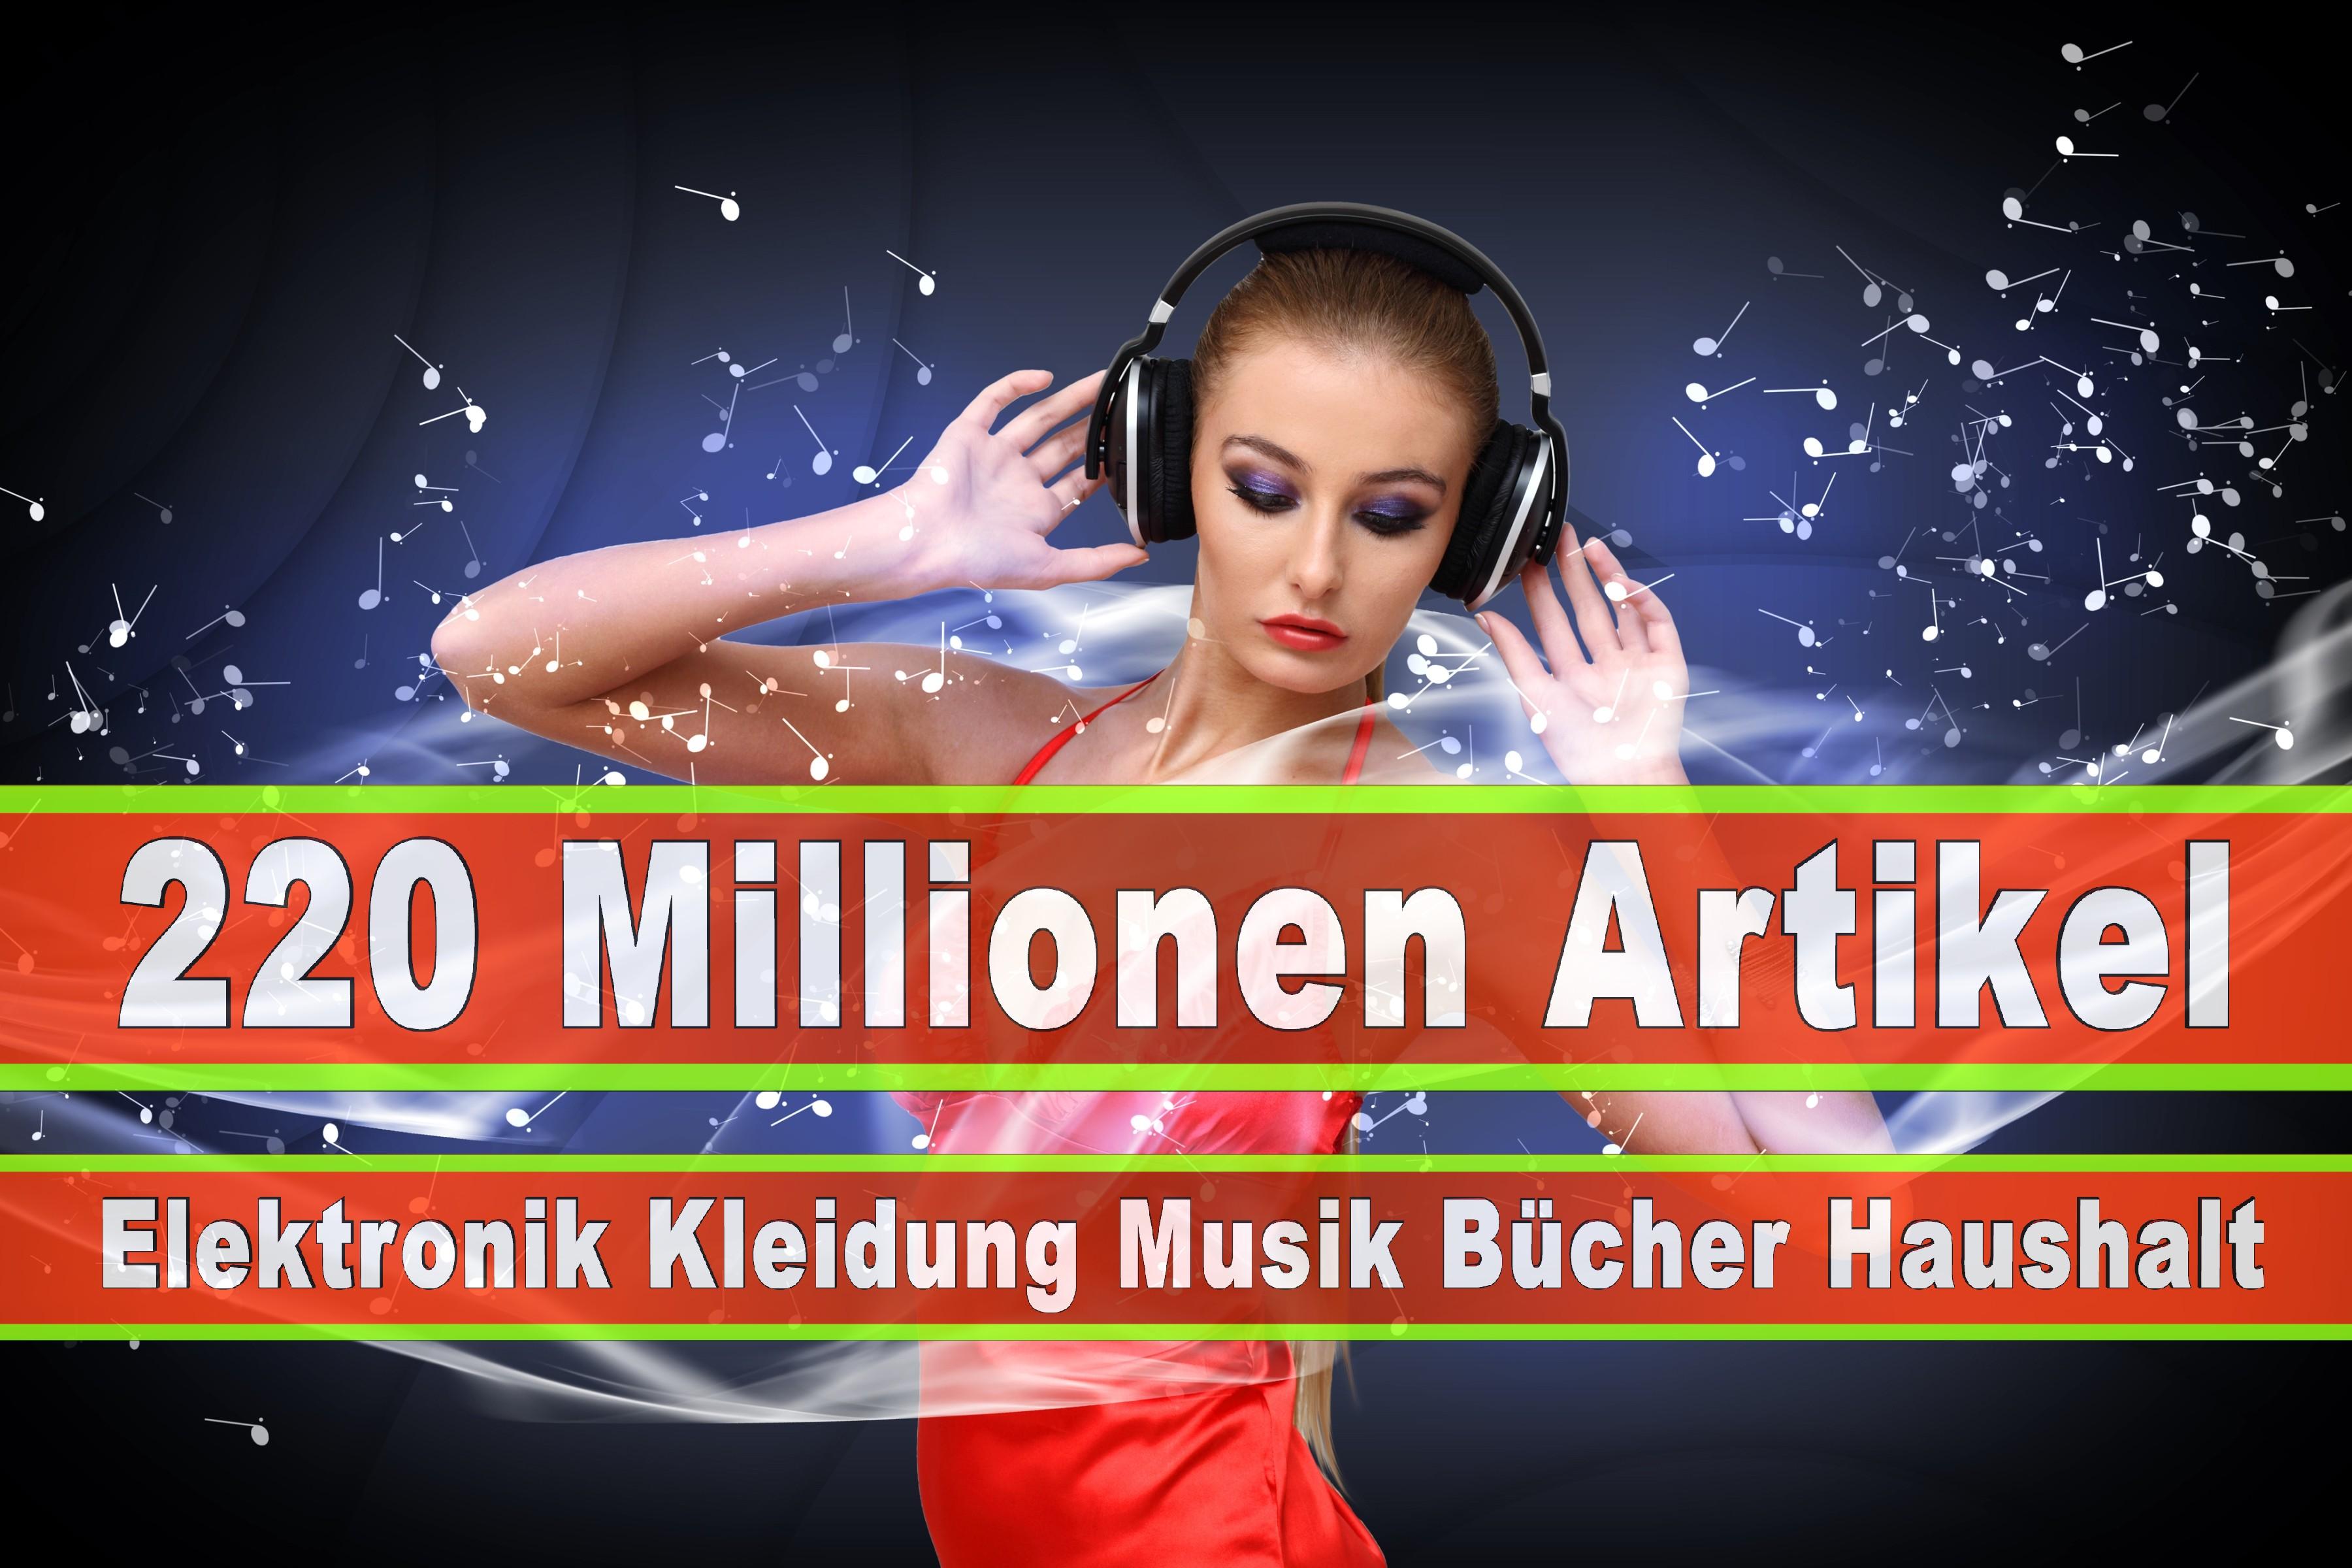 Amazon Elektronik Musik Haushalt Bücher CD DVD Handys Smartphones TV Television Fernseher Kleidung Mode Ebay Versandhaus (225)